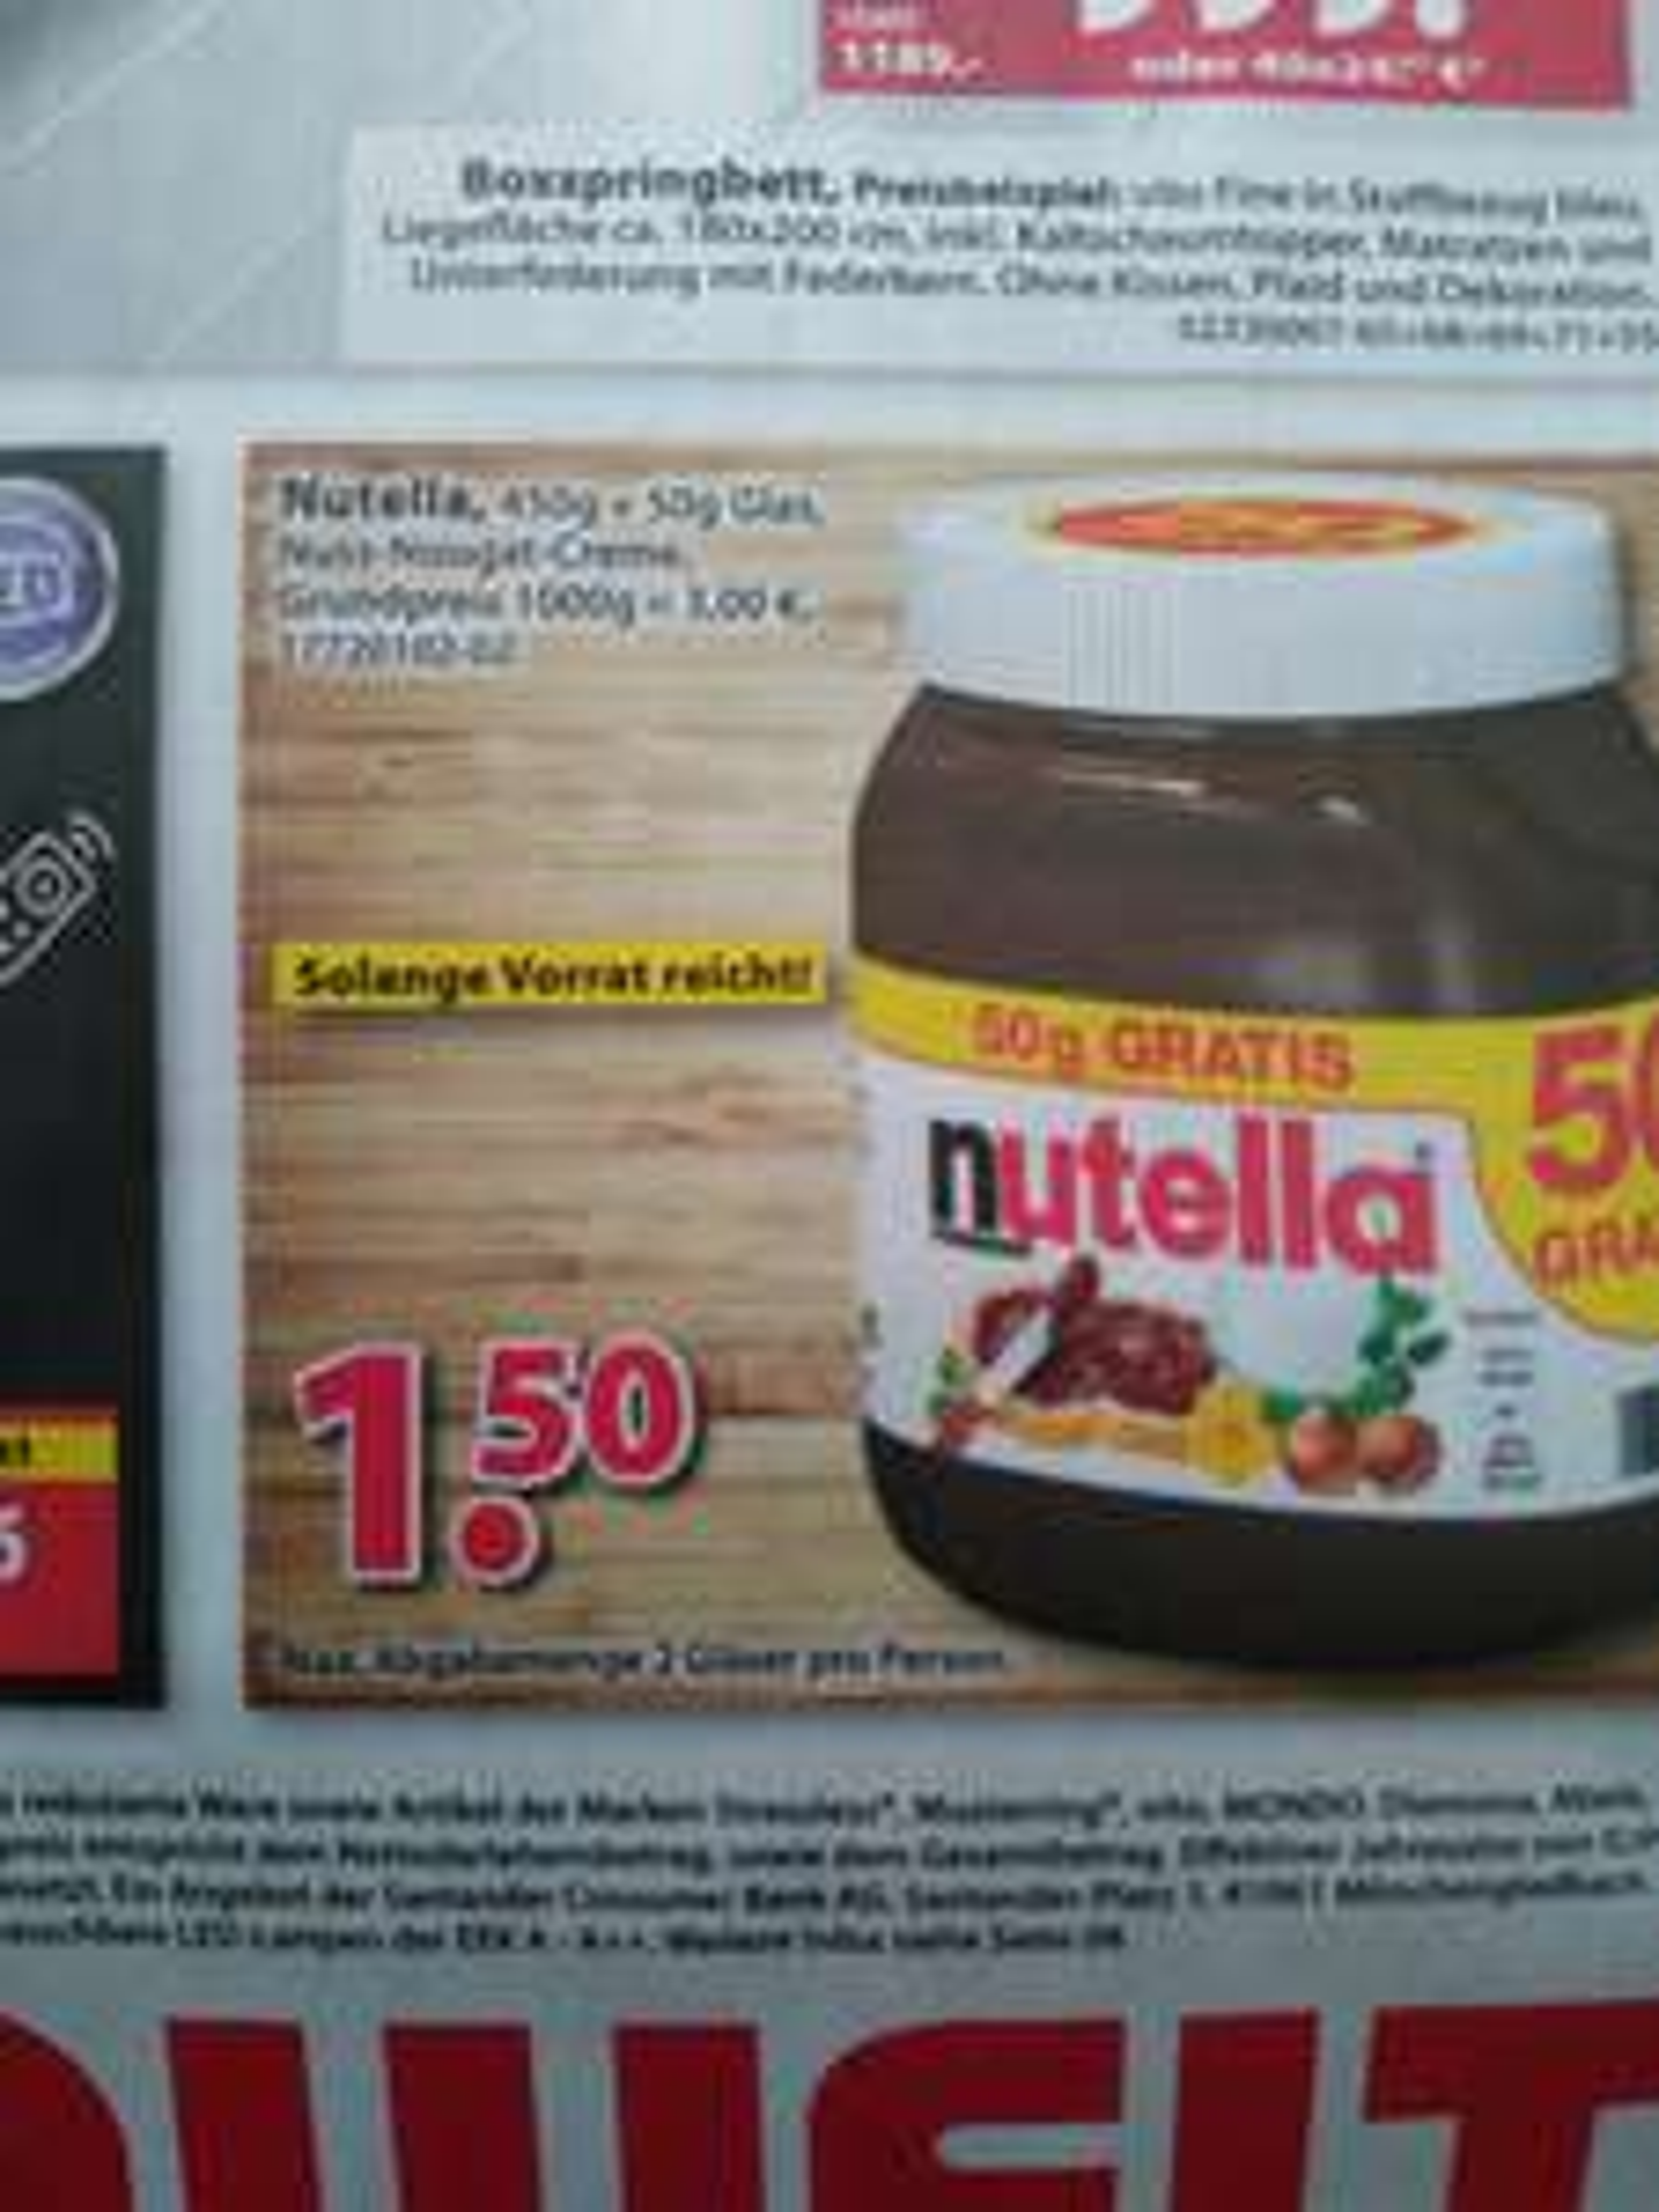 [Lokal Wohnwelt Dutenhofen] Nutella 500g für 1,50€